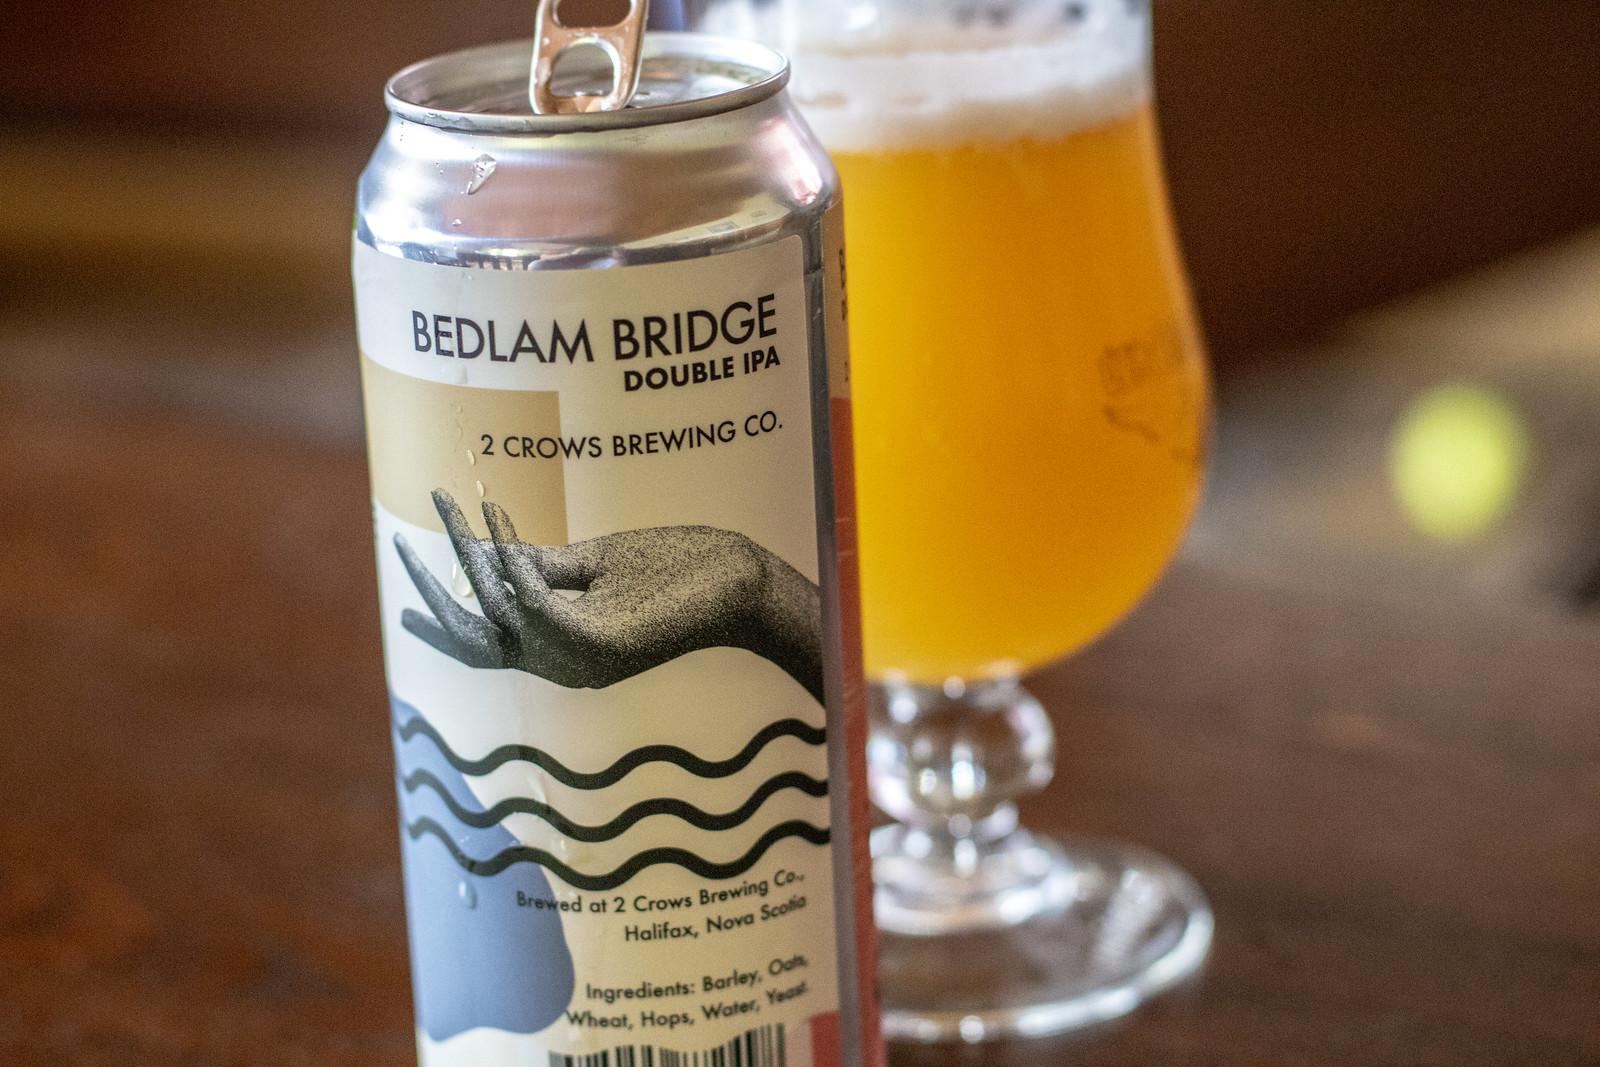 Bedlam Bridge by 2 Crows Brewing